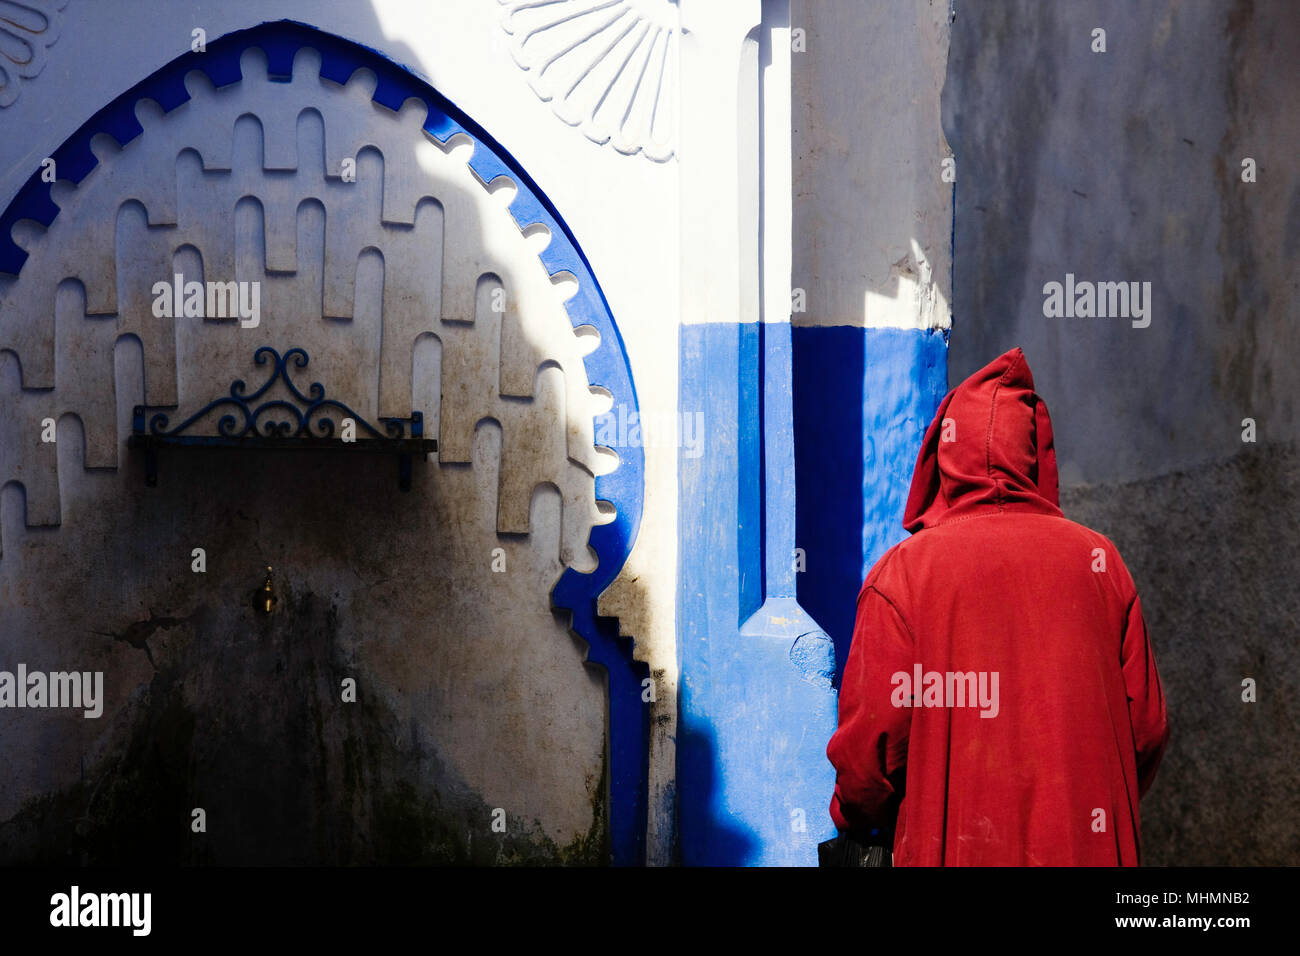 Jalaba Immagini   Jalaba Fotos Stock - Alamy 11f0314faaa